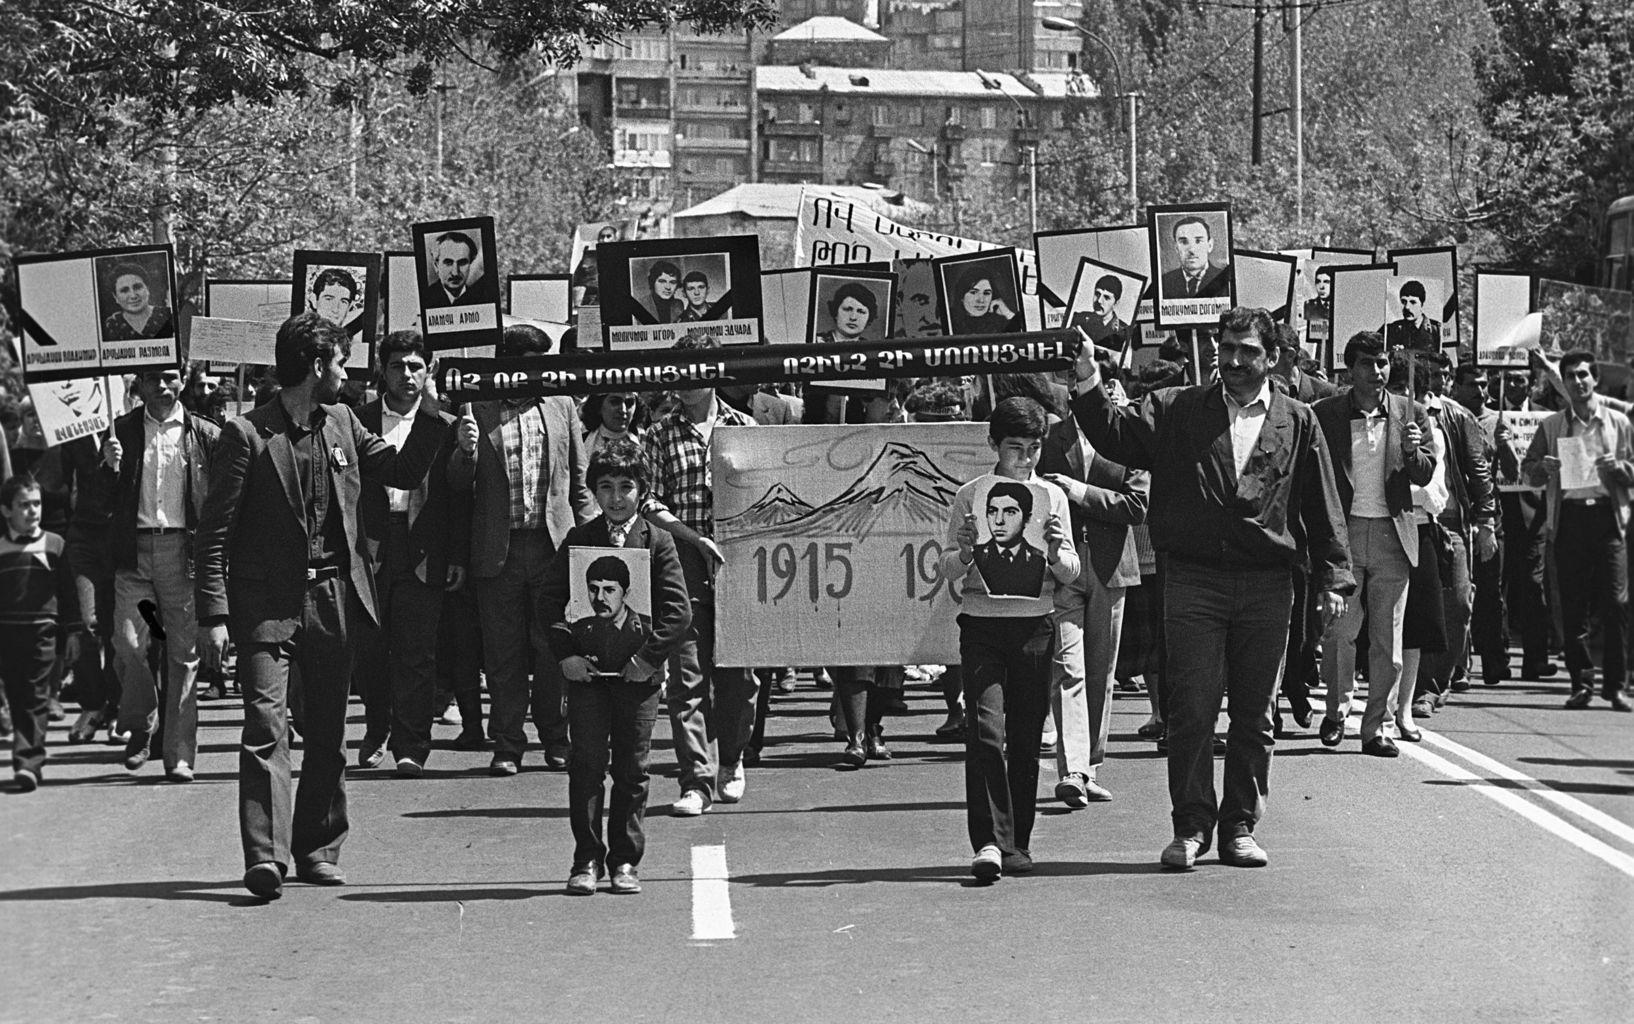 A szumguti pogromra emlékező temetési menet Jerevánban 1988. április 24-én #moszkvater